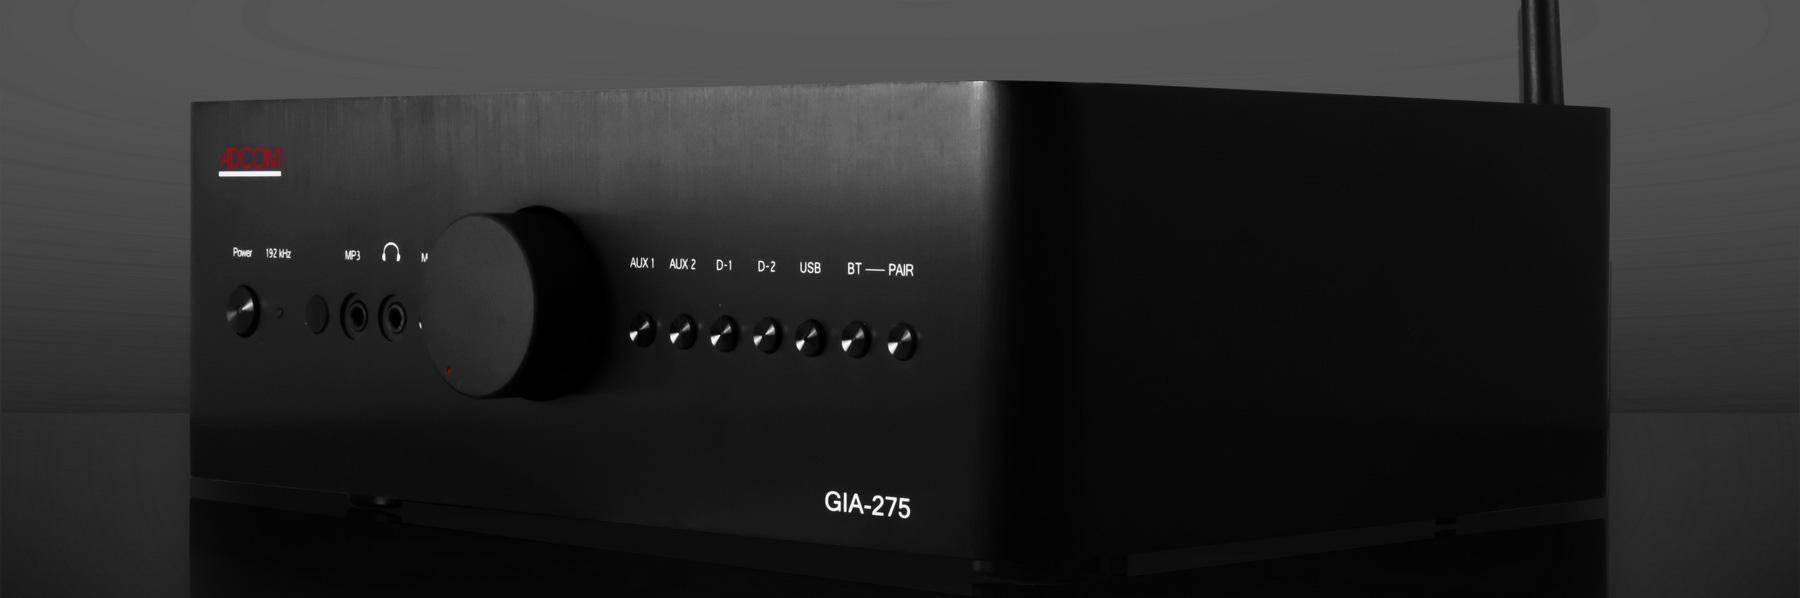 Adcom-GIA-275